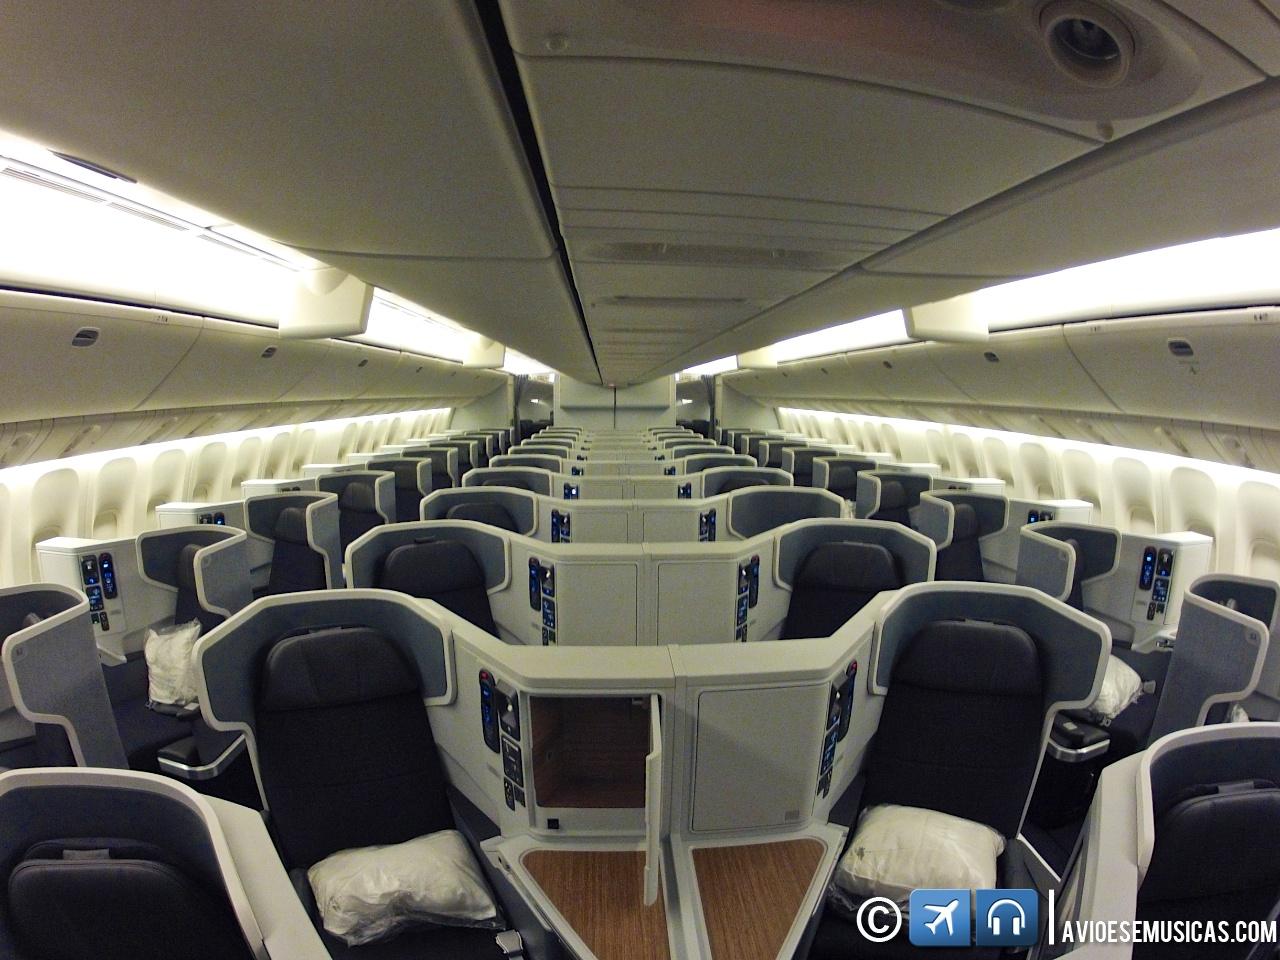 Boeing 777 300ER da American Airlines de pertinho : Aviões e Músicas #41607E 1280 960